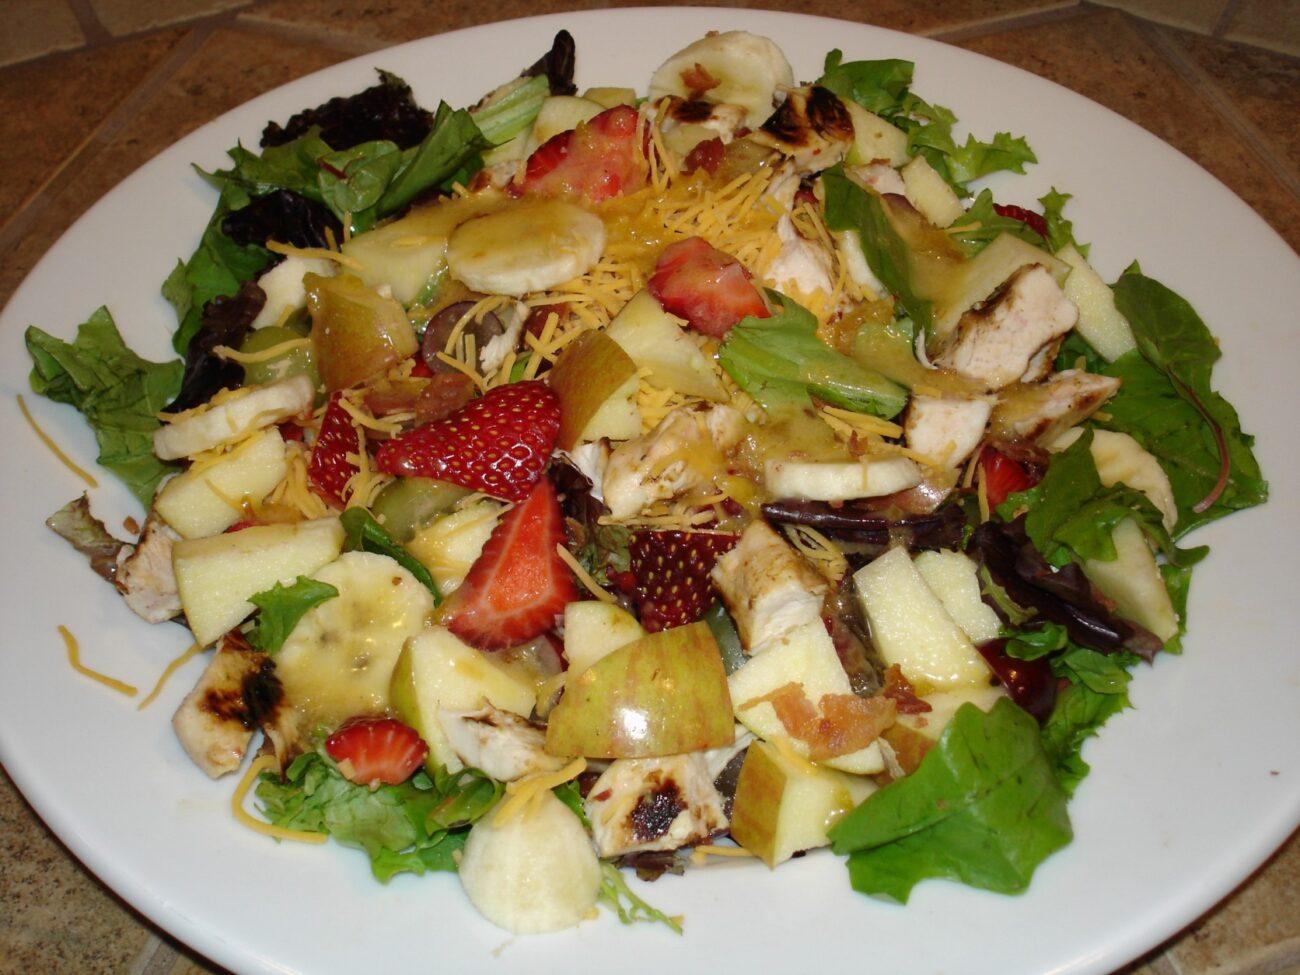 Strawberry-Mango Grilled Chicken Salad